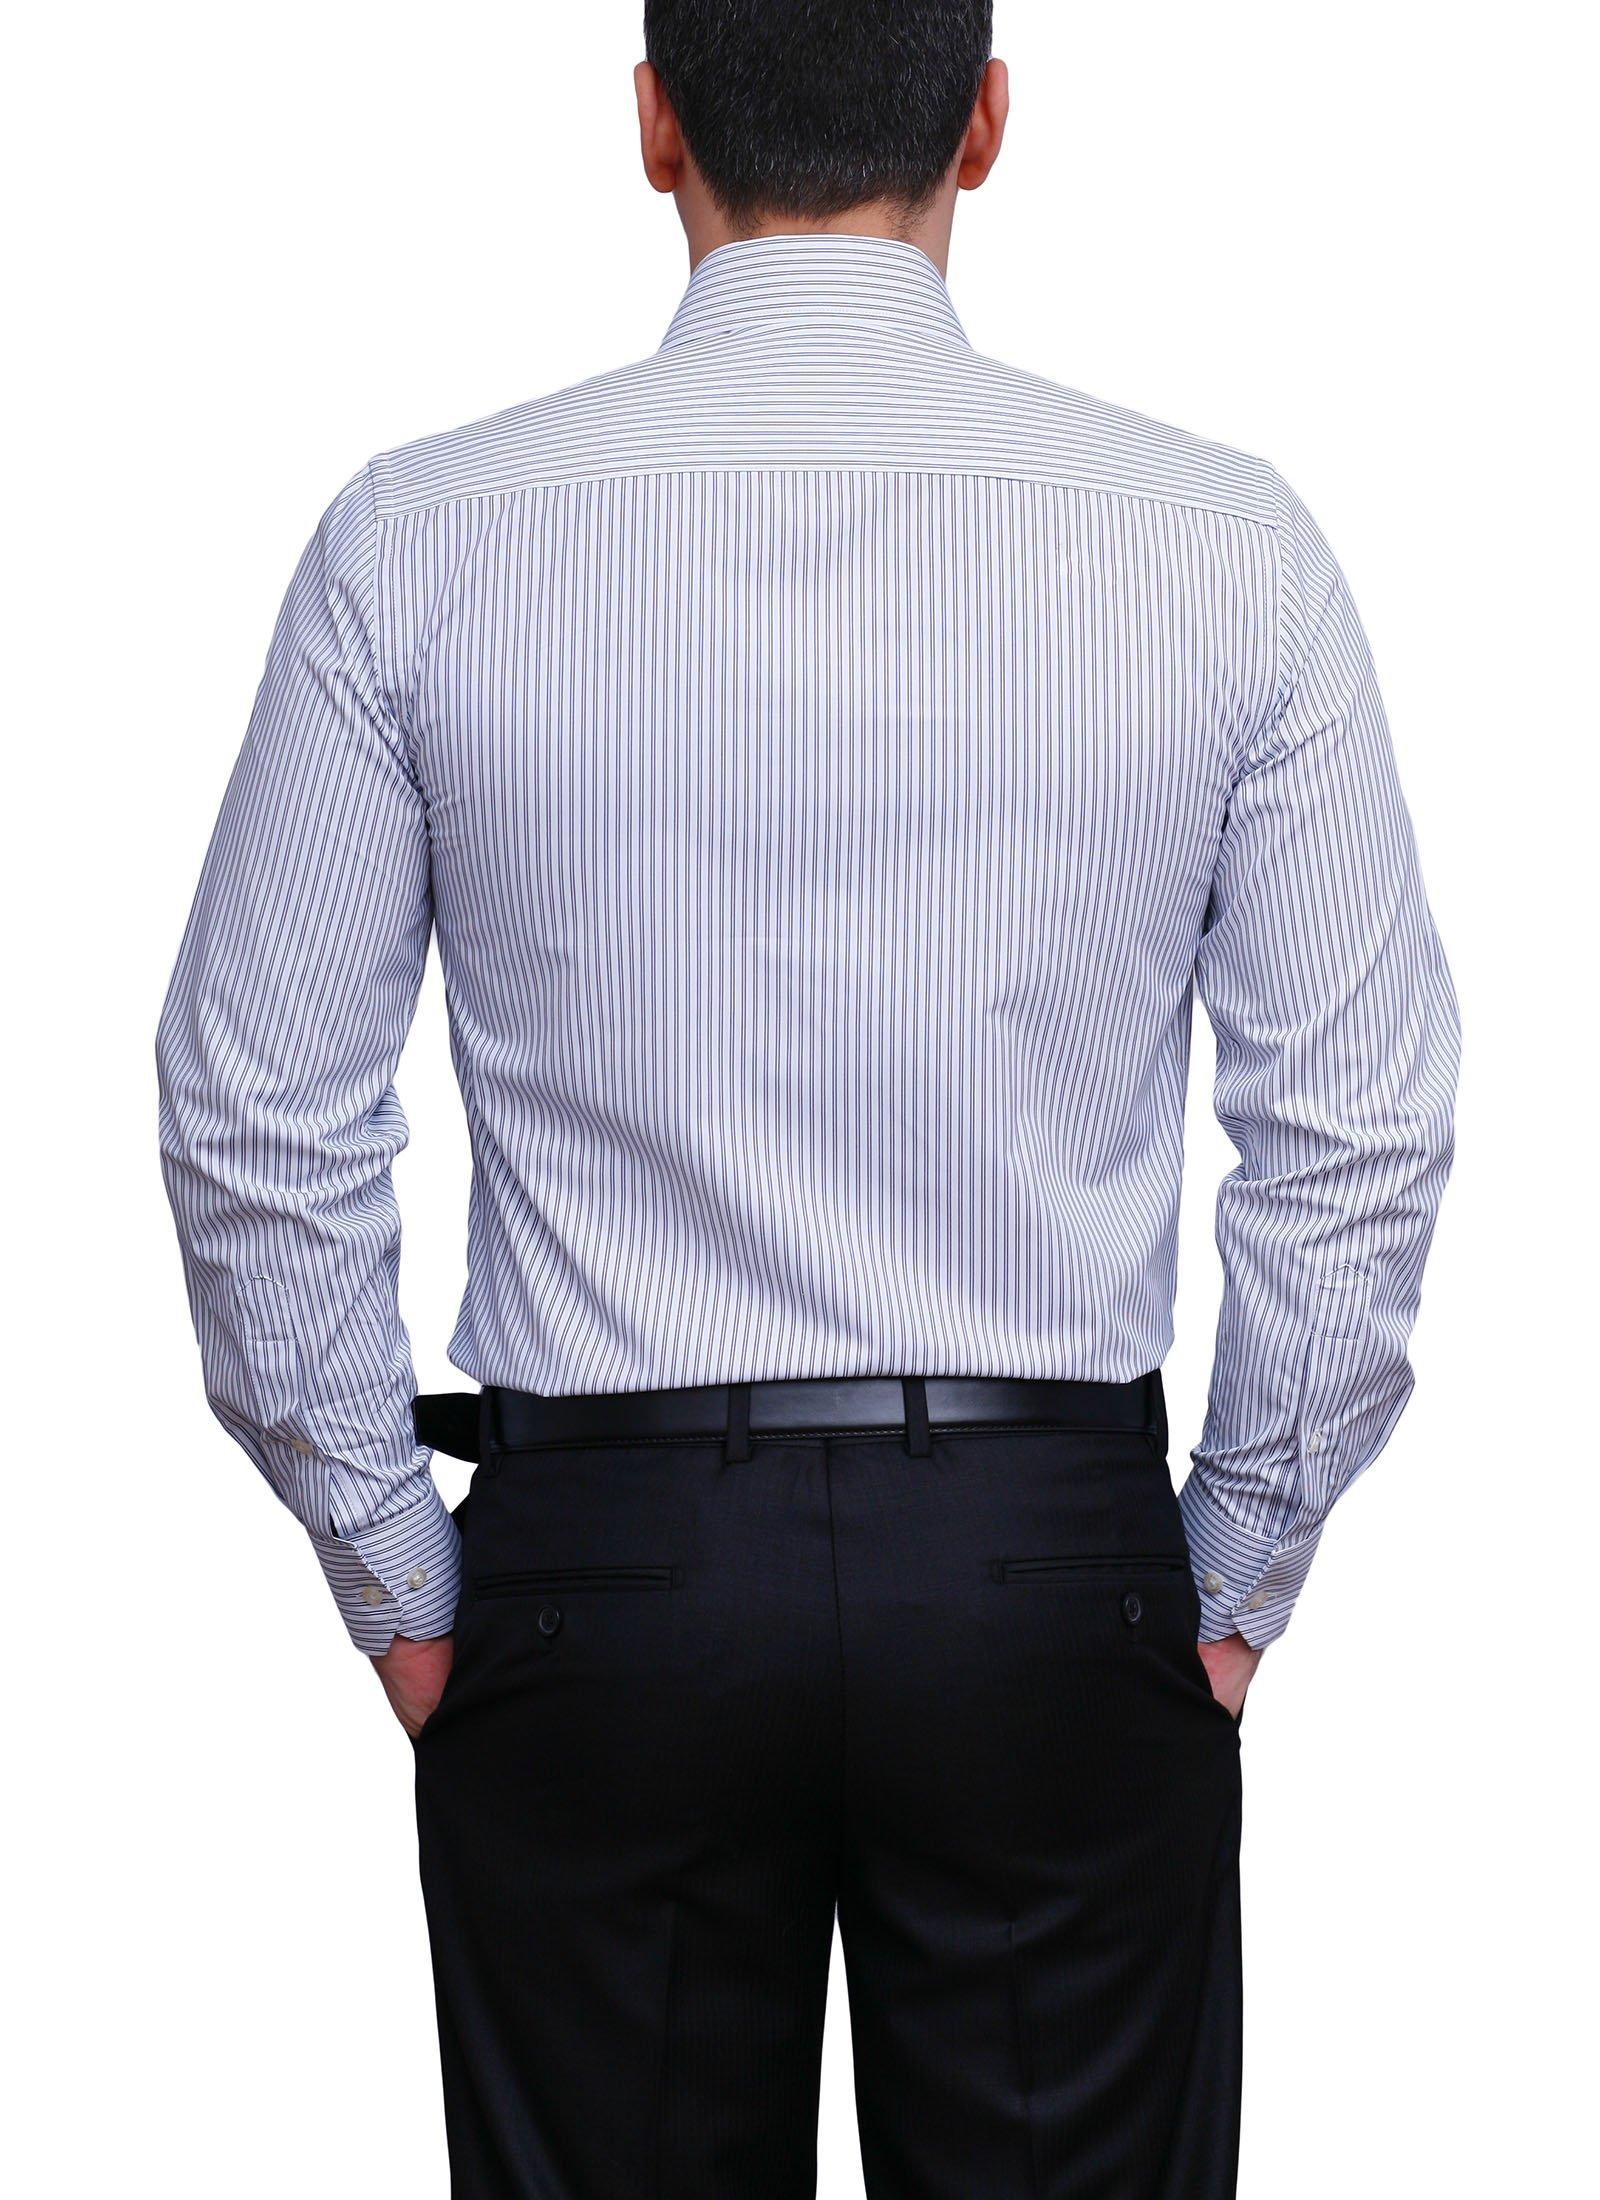 Camasa Slim Fit alba cu dungi fine negre - Grazie Filipeti